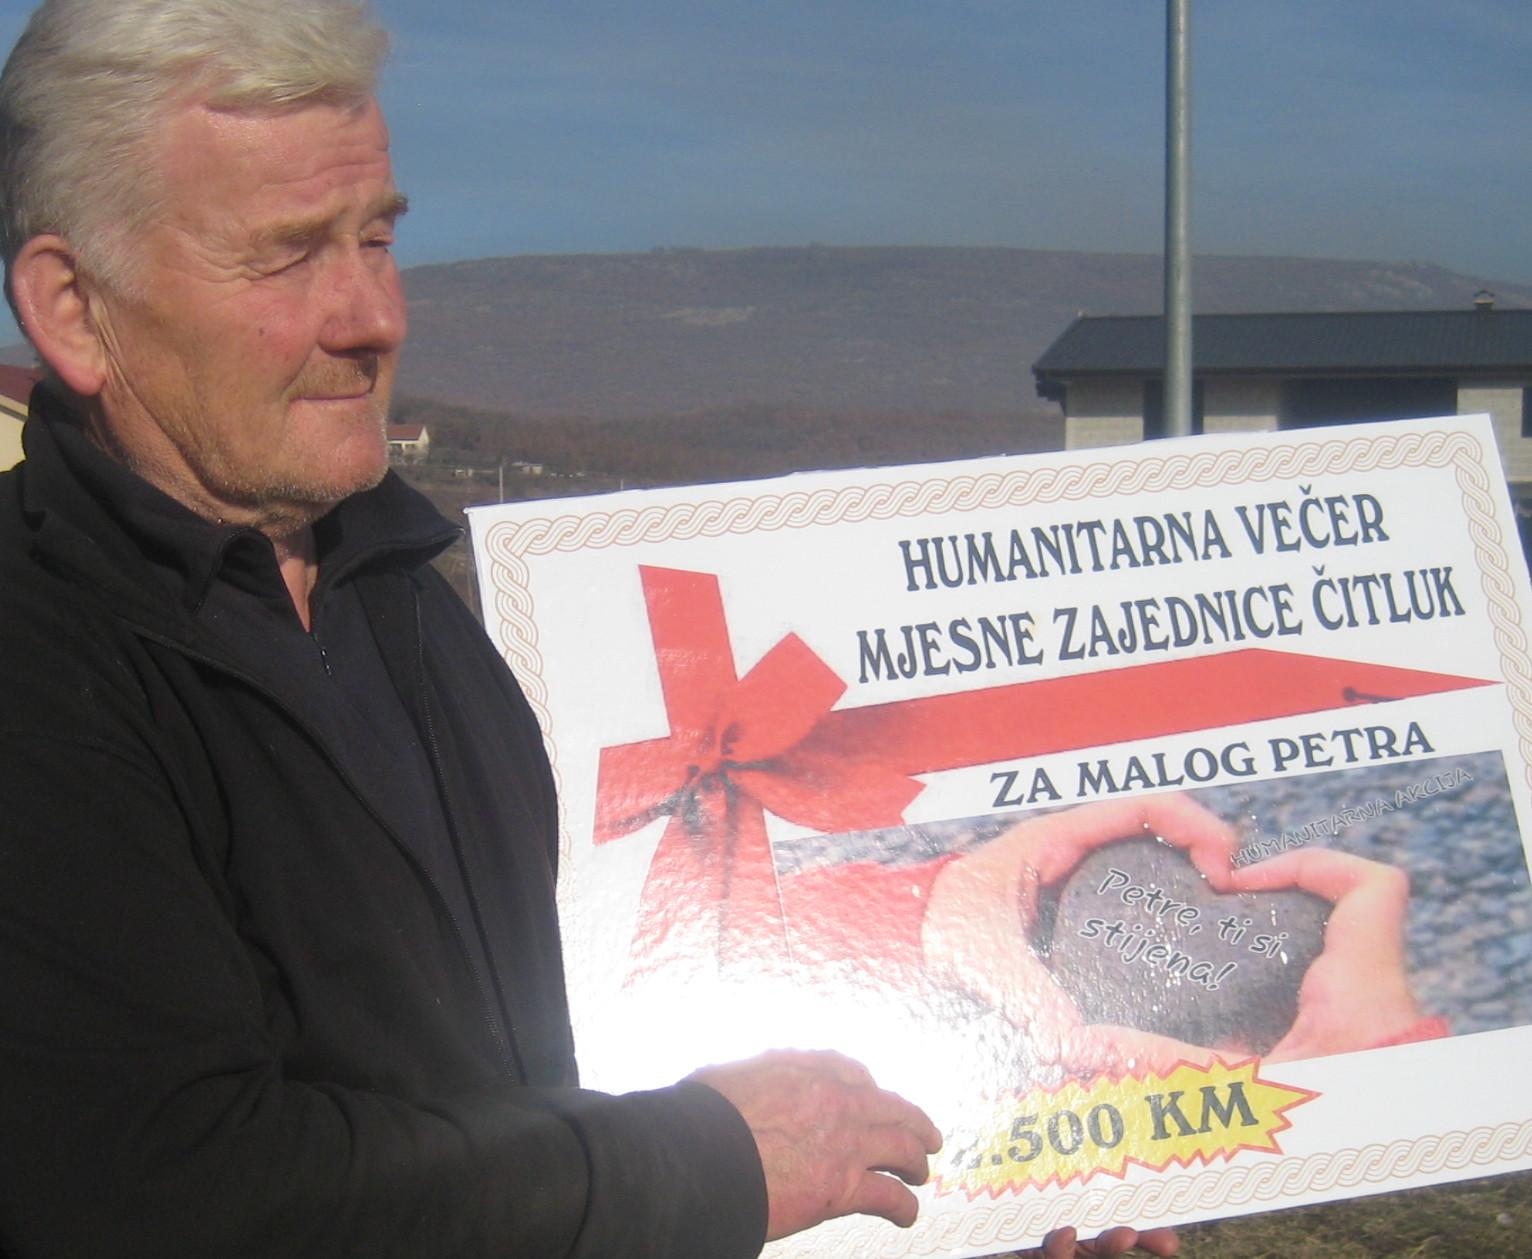 MZ ČITLUK: Dobri ljudi za malog Petra prikupili 2 500 KM